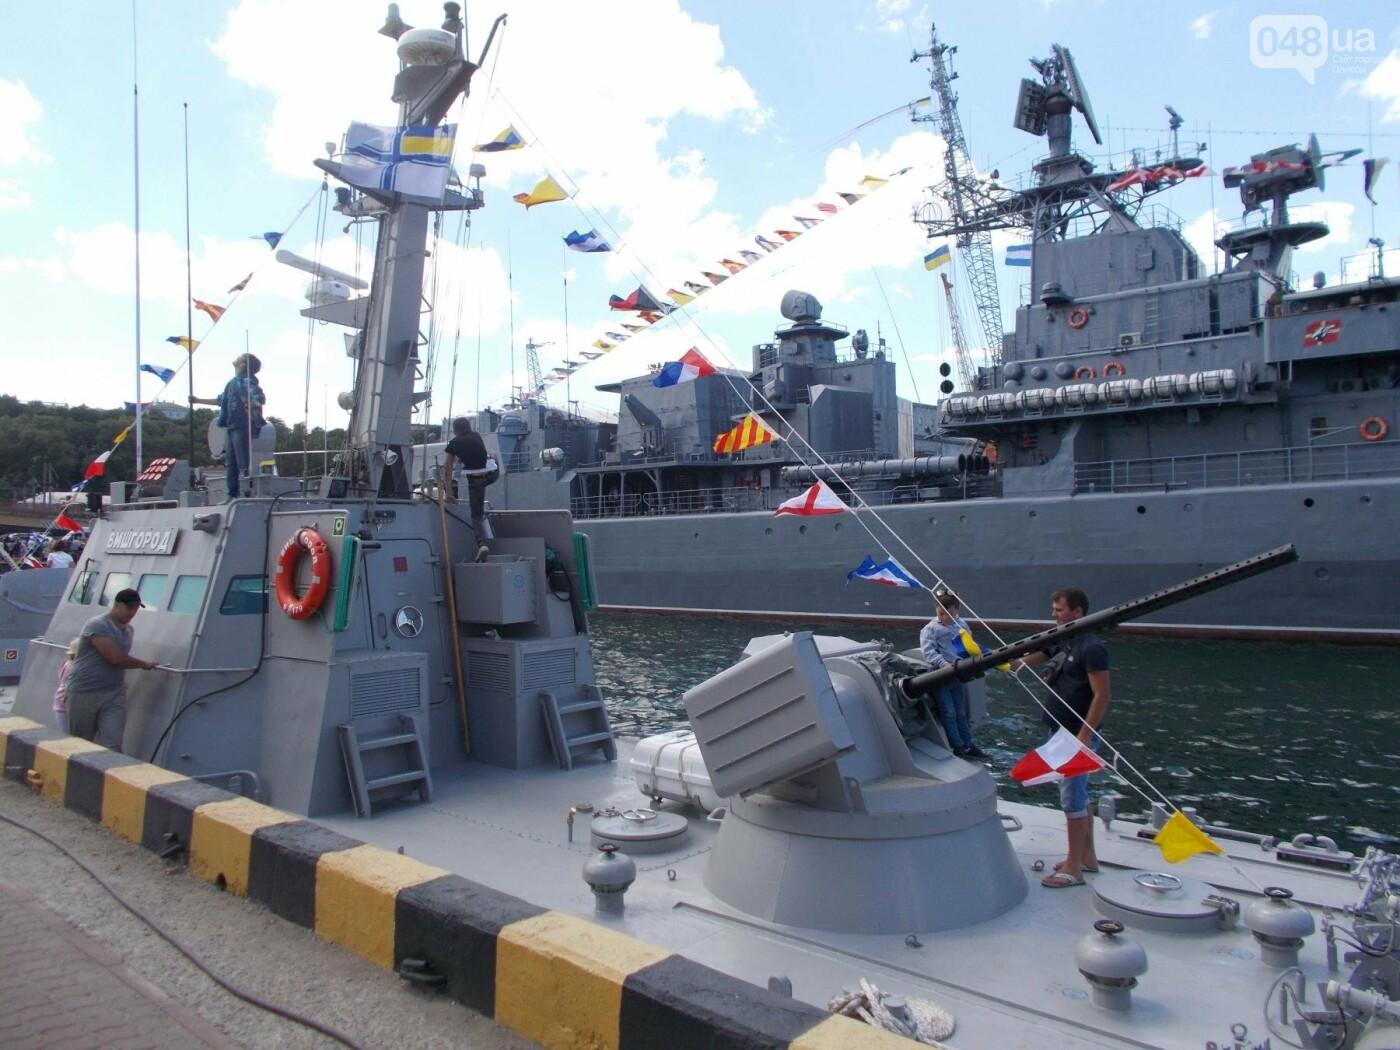 День Военно-морских сил Украины отпраздновали на Одесском морвокзале, - ФОТО , фото-8